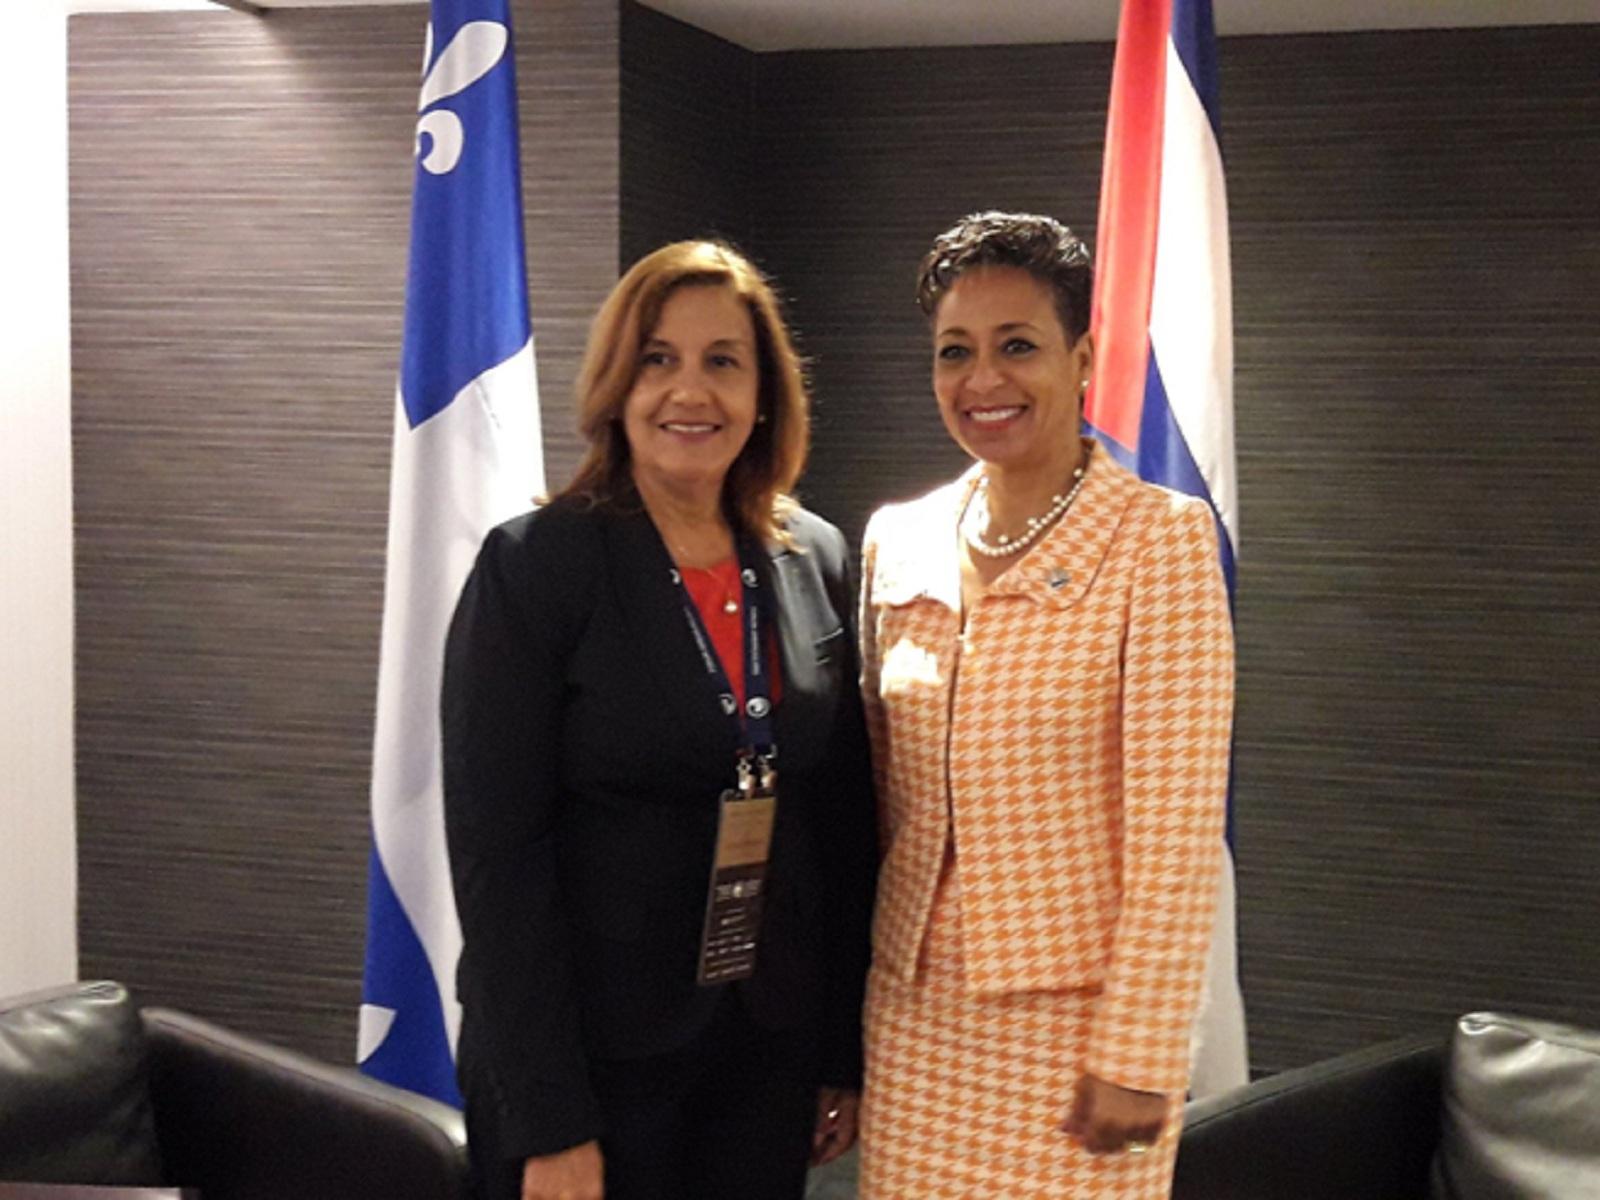 Recibe Ministra canadiense a titular de Ciencia y Tecnología de Cuba